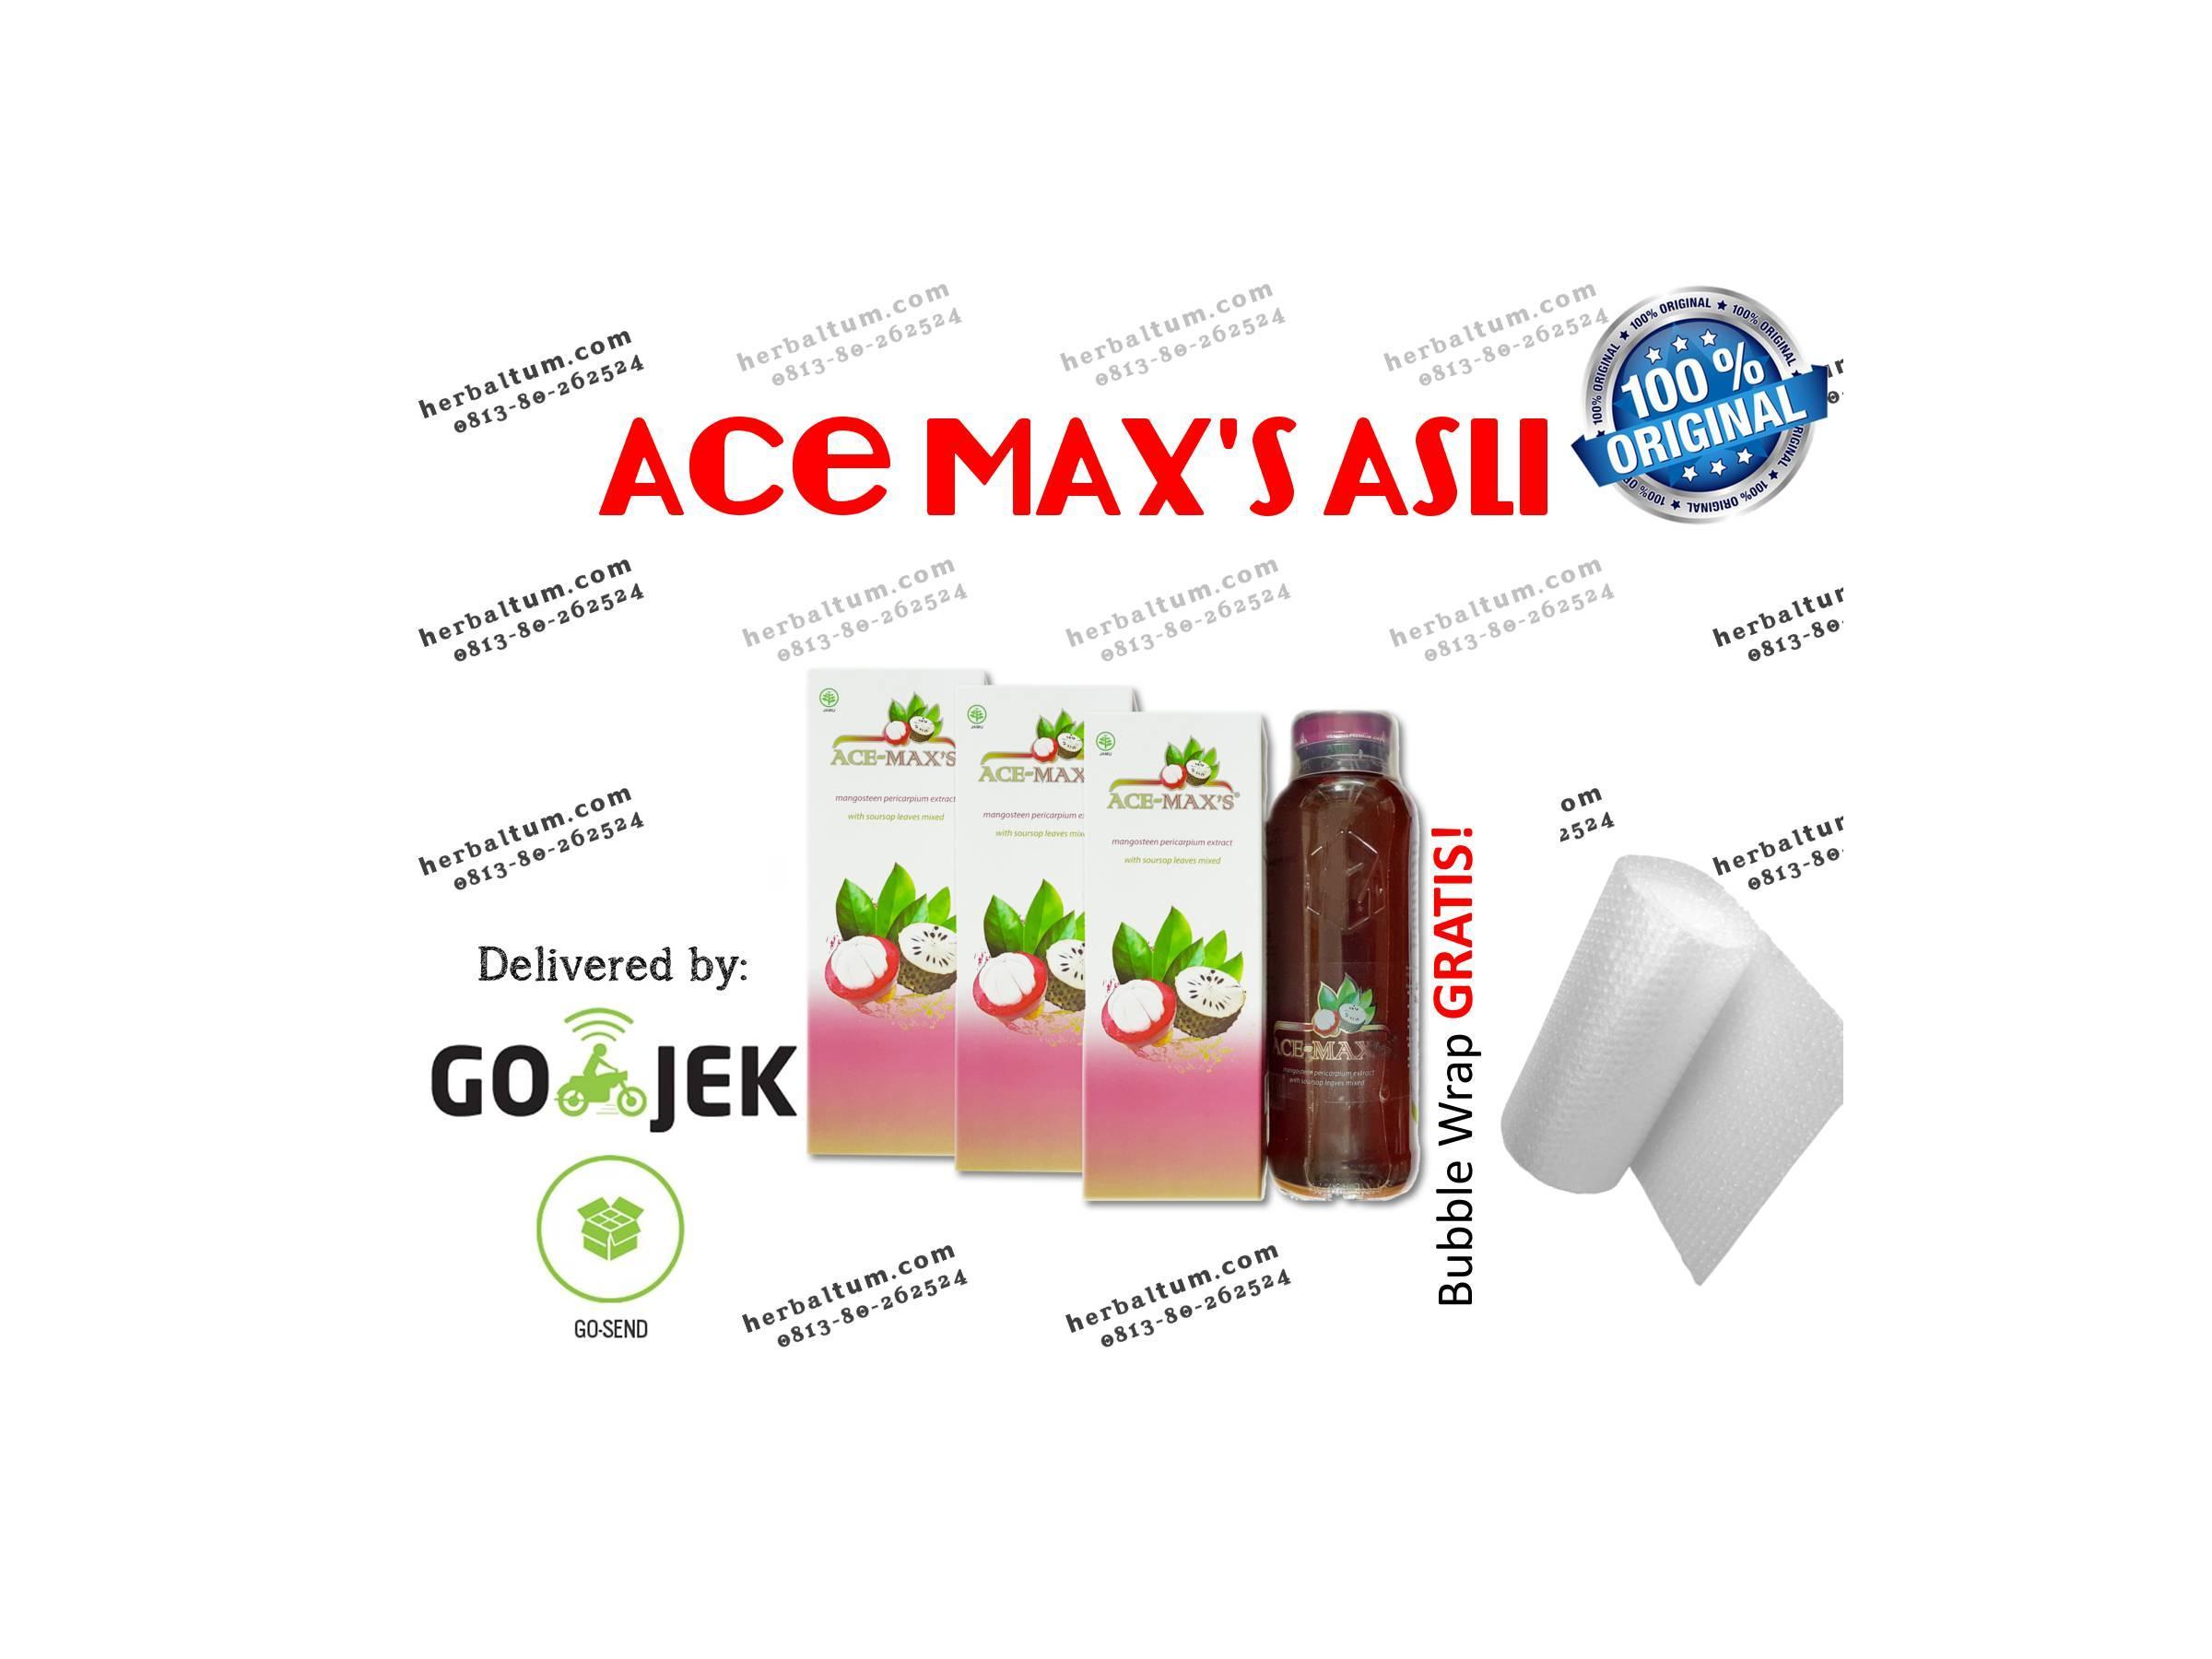 GROSIR Ace Maxs Asli PER Karton (isi 6) Original